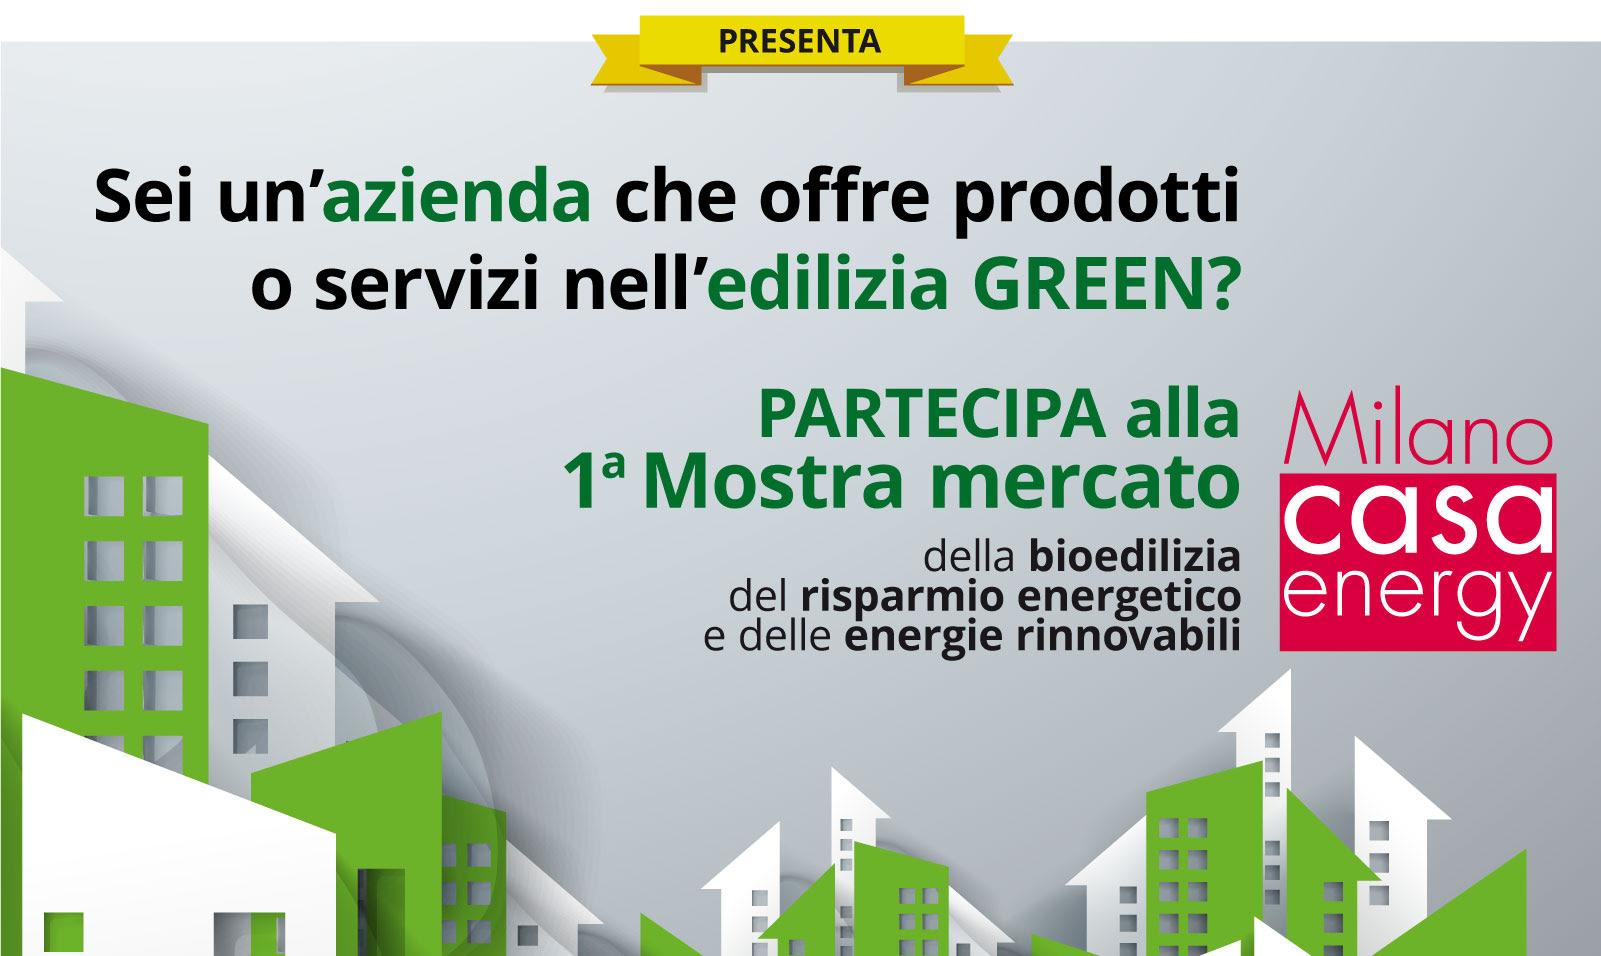 Partecipa a Milano Casa Energy